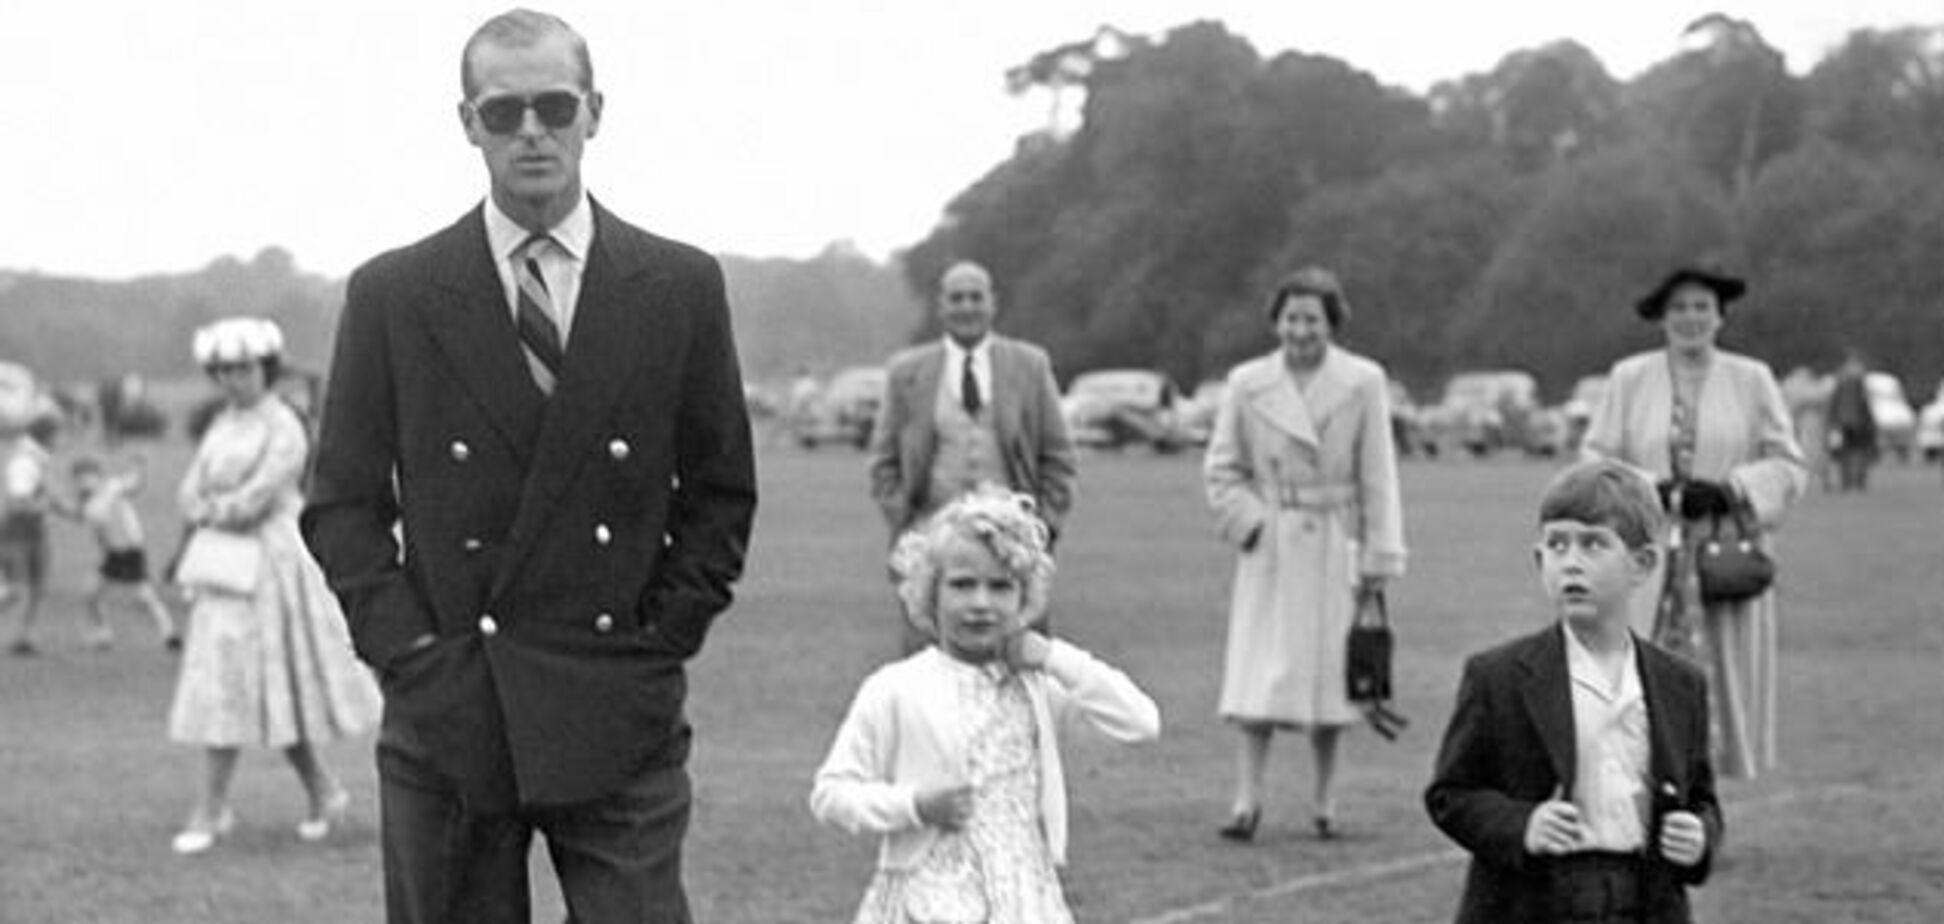 Принц Чарльз сделал трогательное видео в память об отце